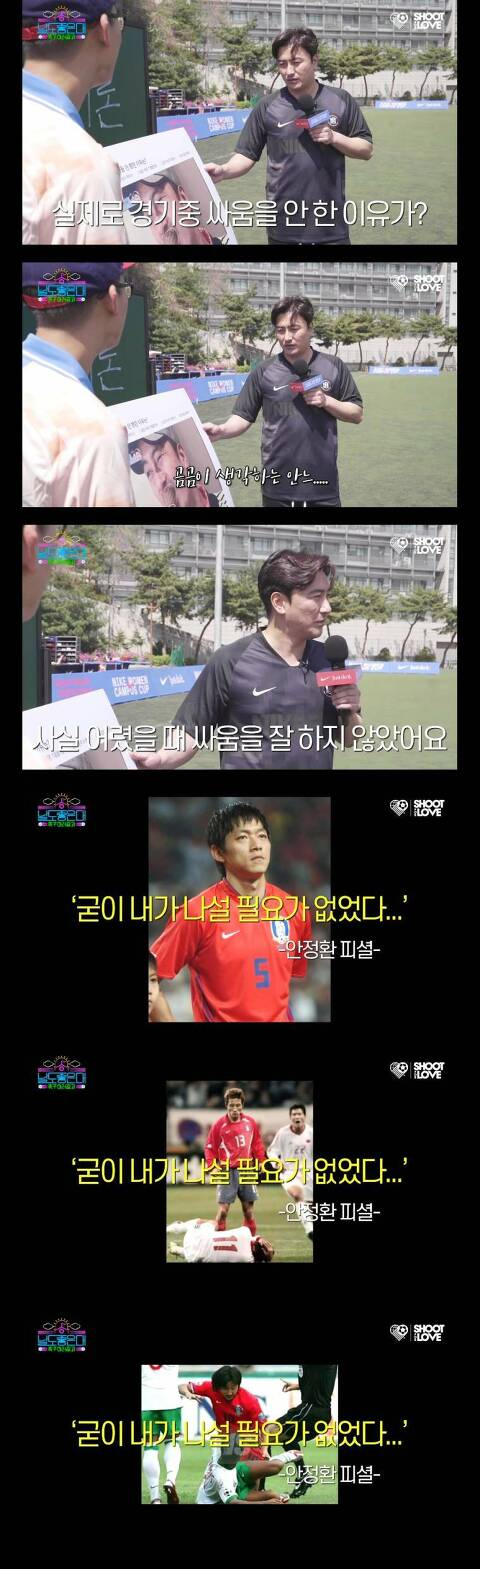 [유머]안정환이 국가대표 경기 중 싸움을 안 한..